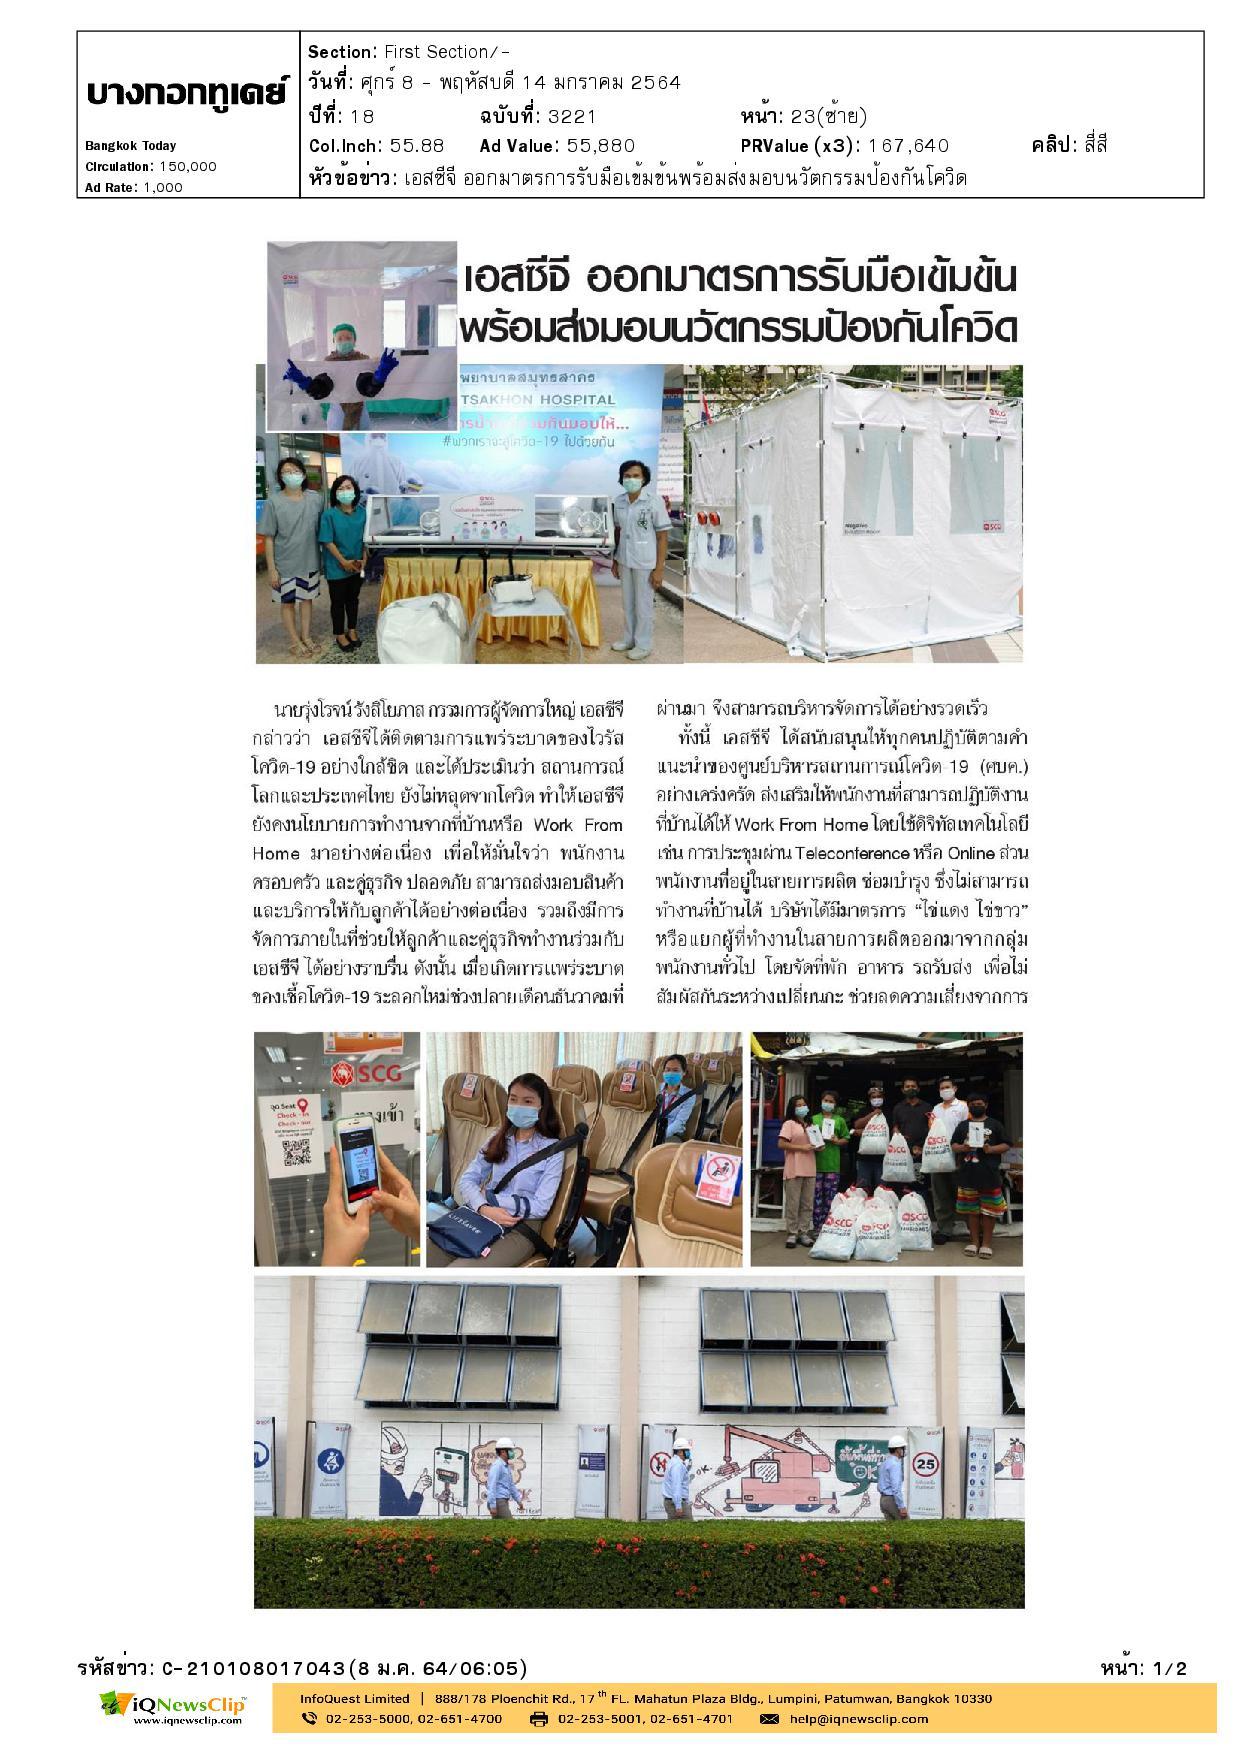 มอบความช่วยเหลือไปยังพื้นที่ที่ขาดแคลนอุปกรณ์ทางการแพทย์ ผ่านสภากาชาดไทย